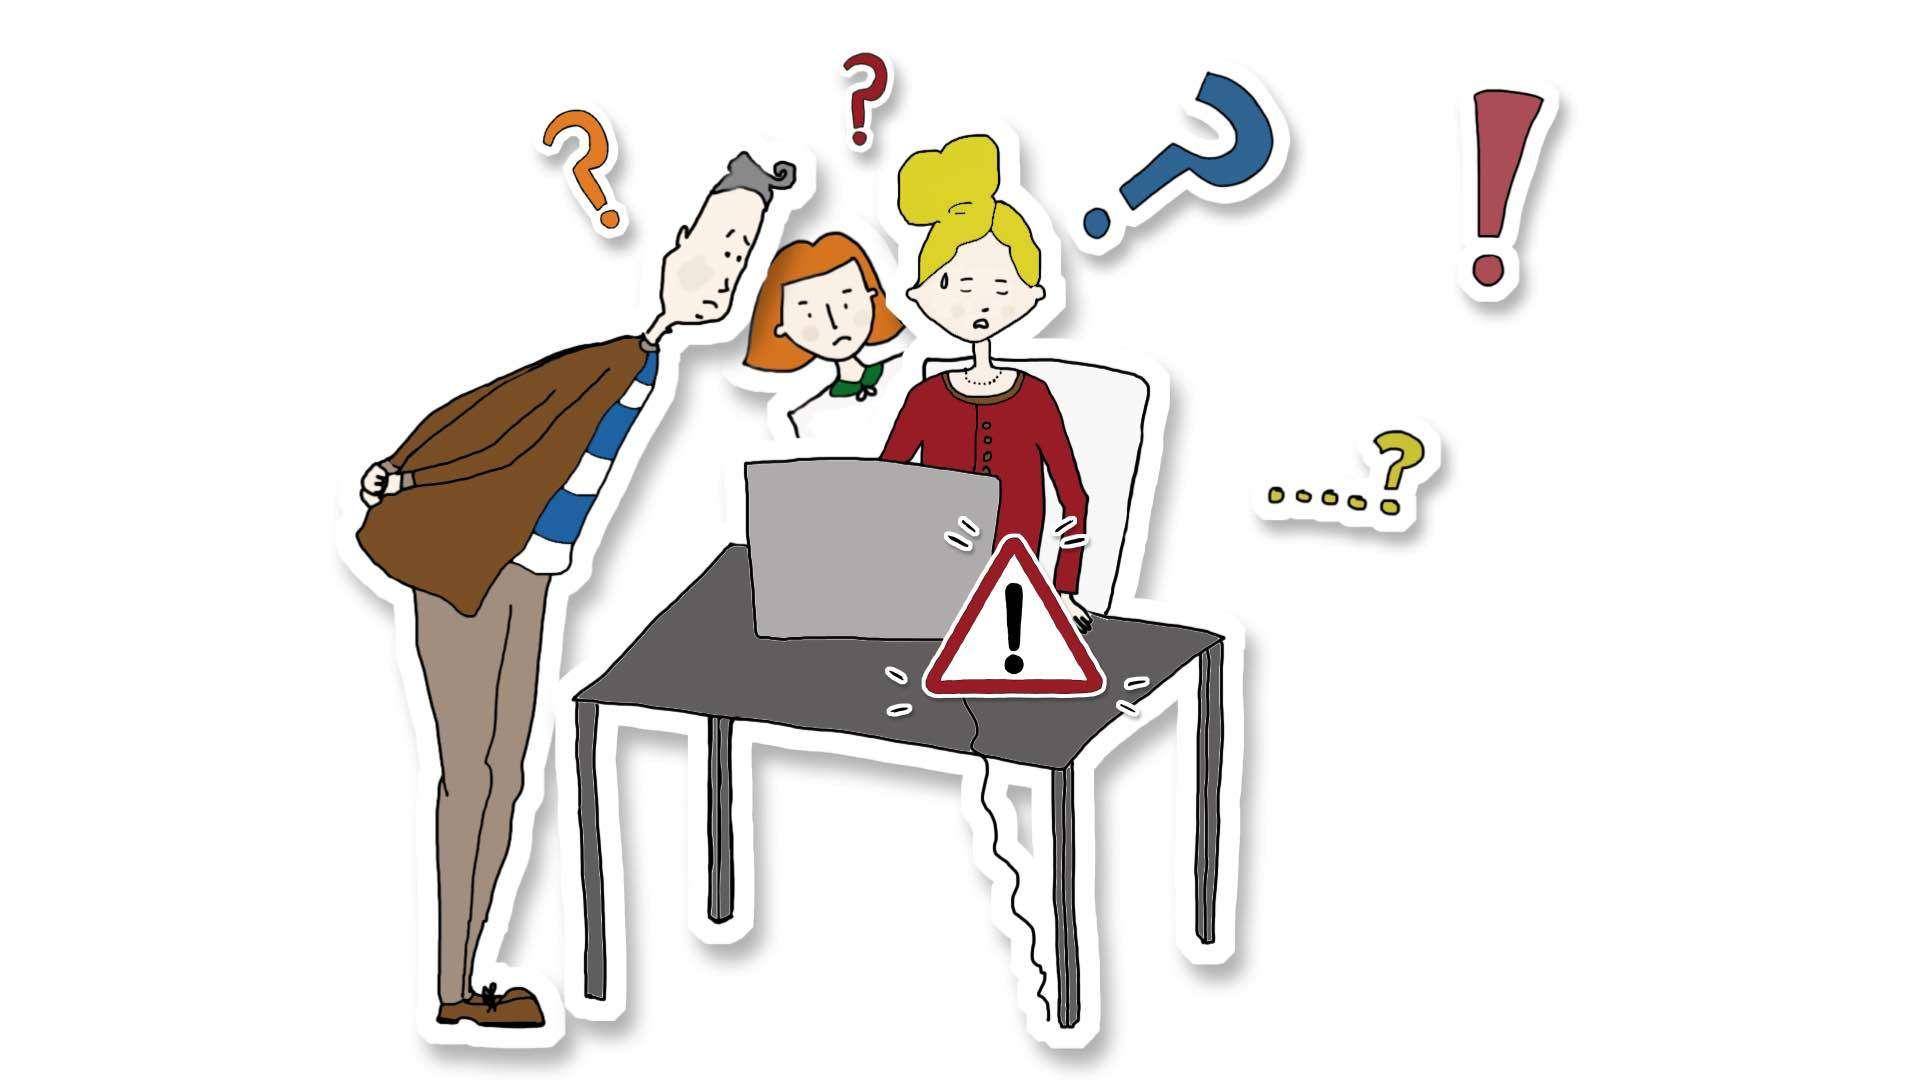 Zeichnung von drei Personen die überfragt auf einen Laptop schauen